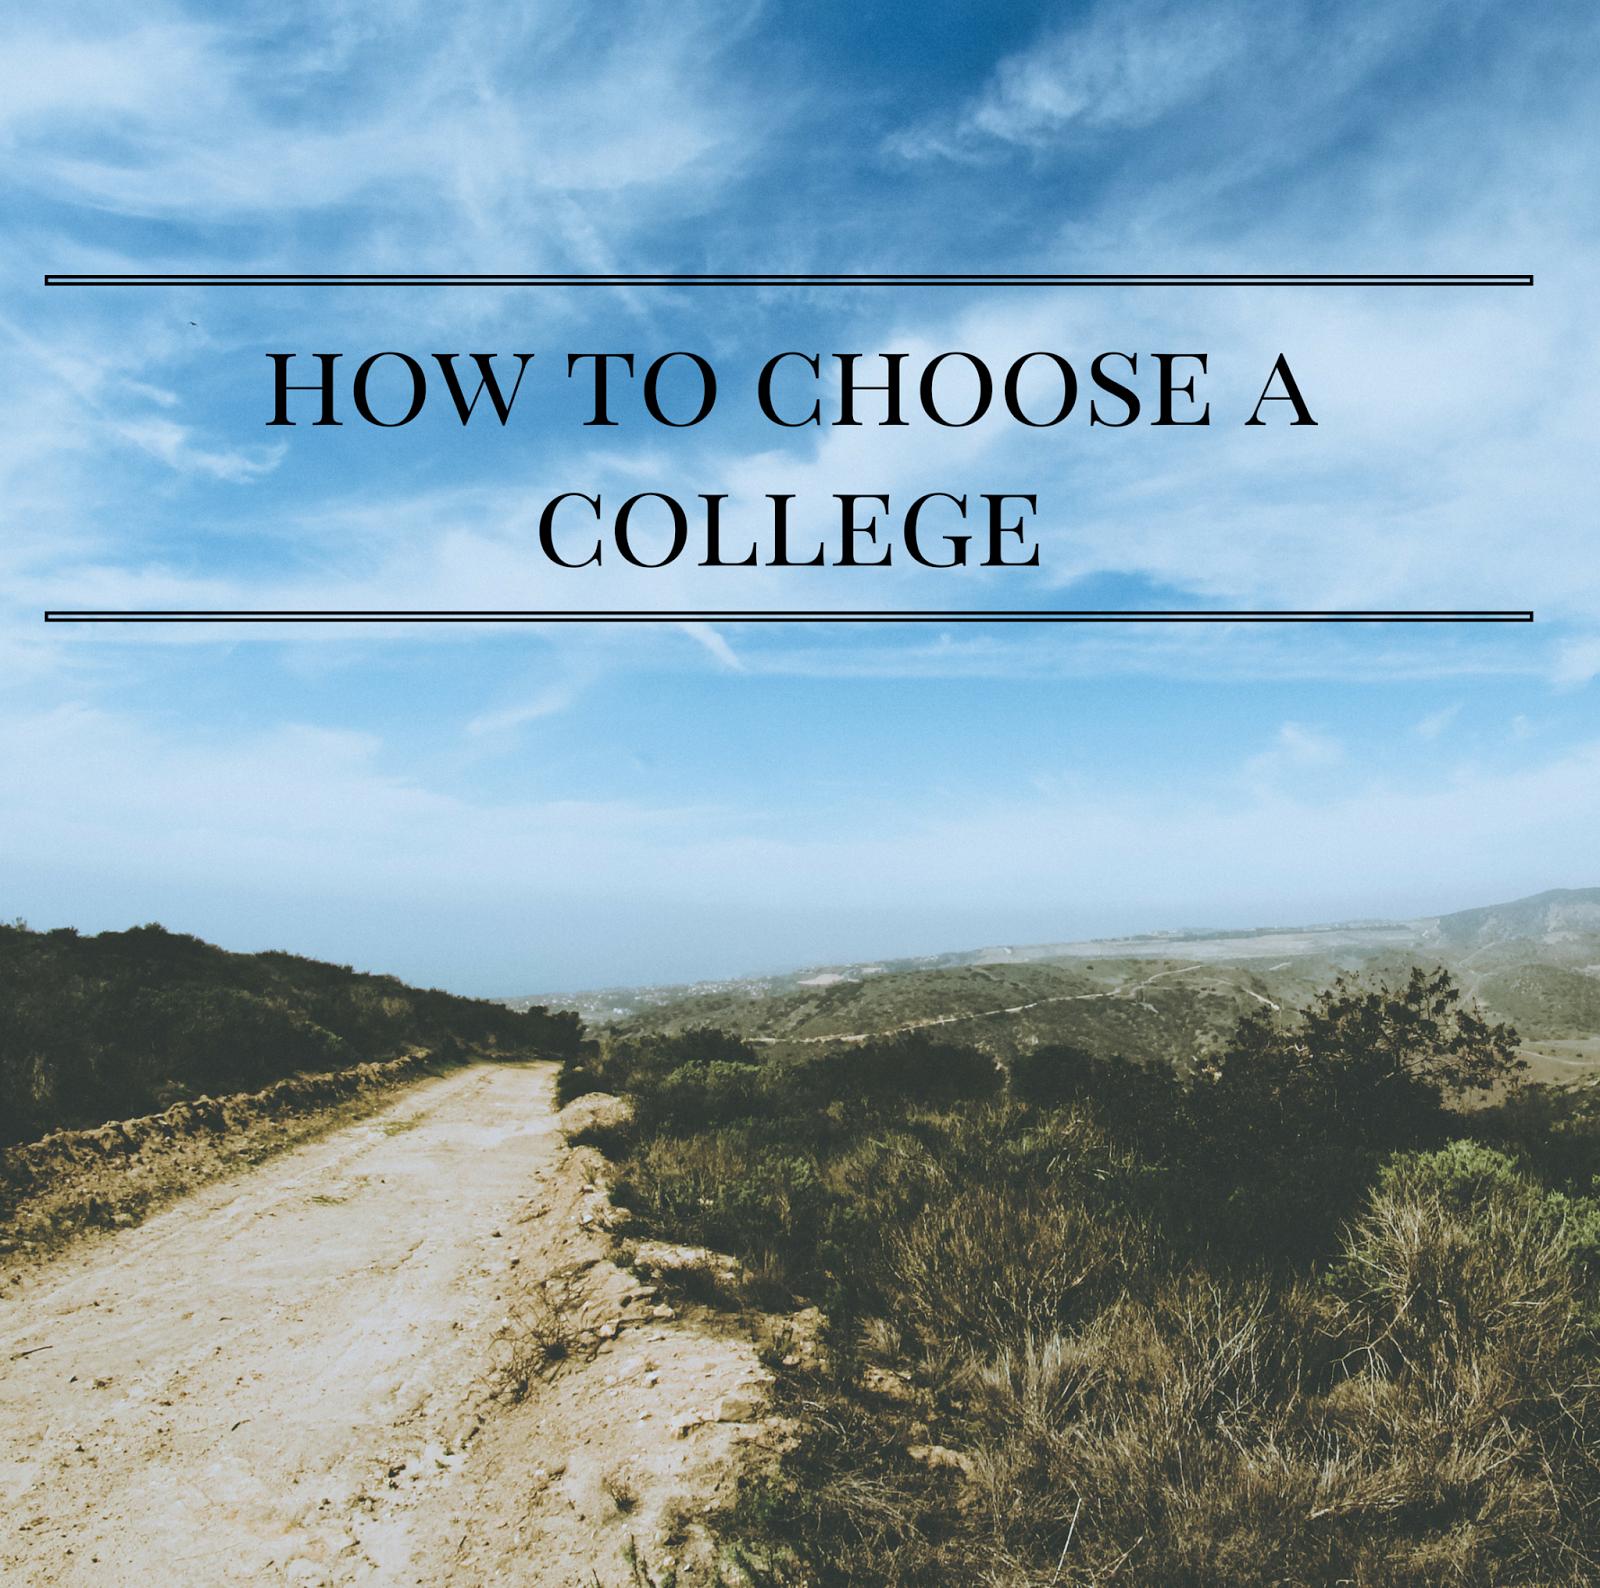 How To Choose A College   alyssajfreitas.blogspot.com